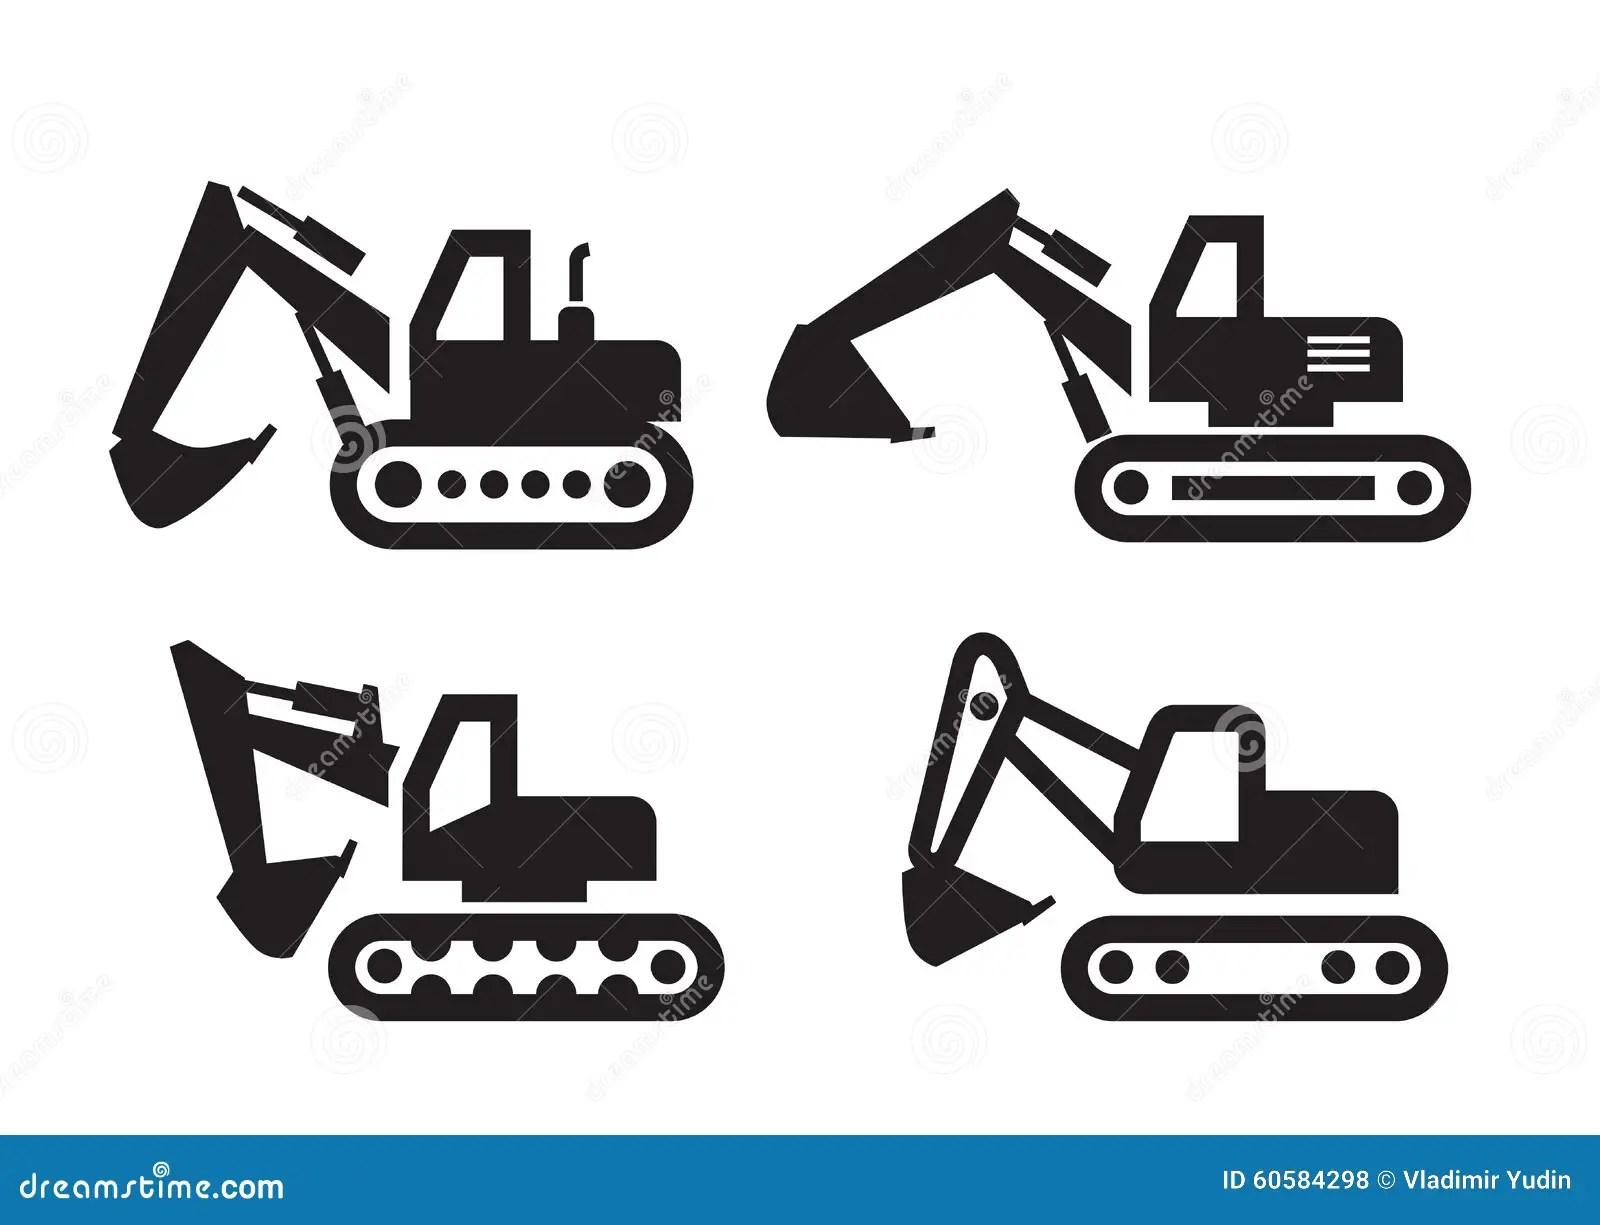 Excavator Icon Stock Vector